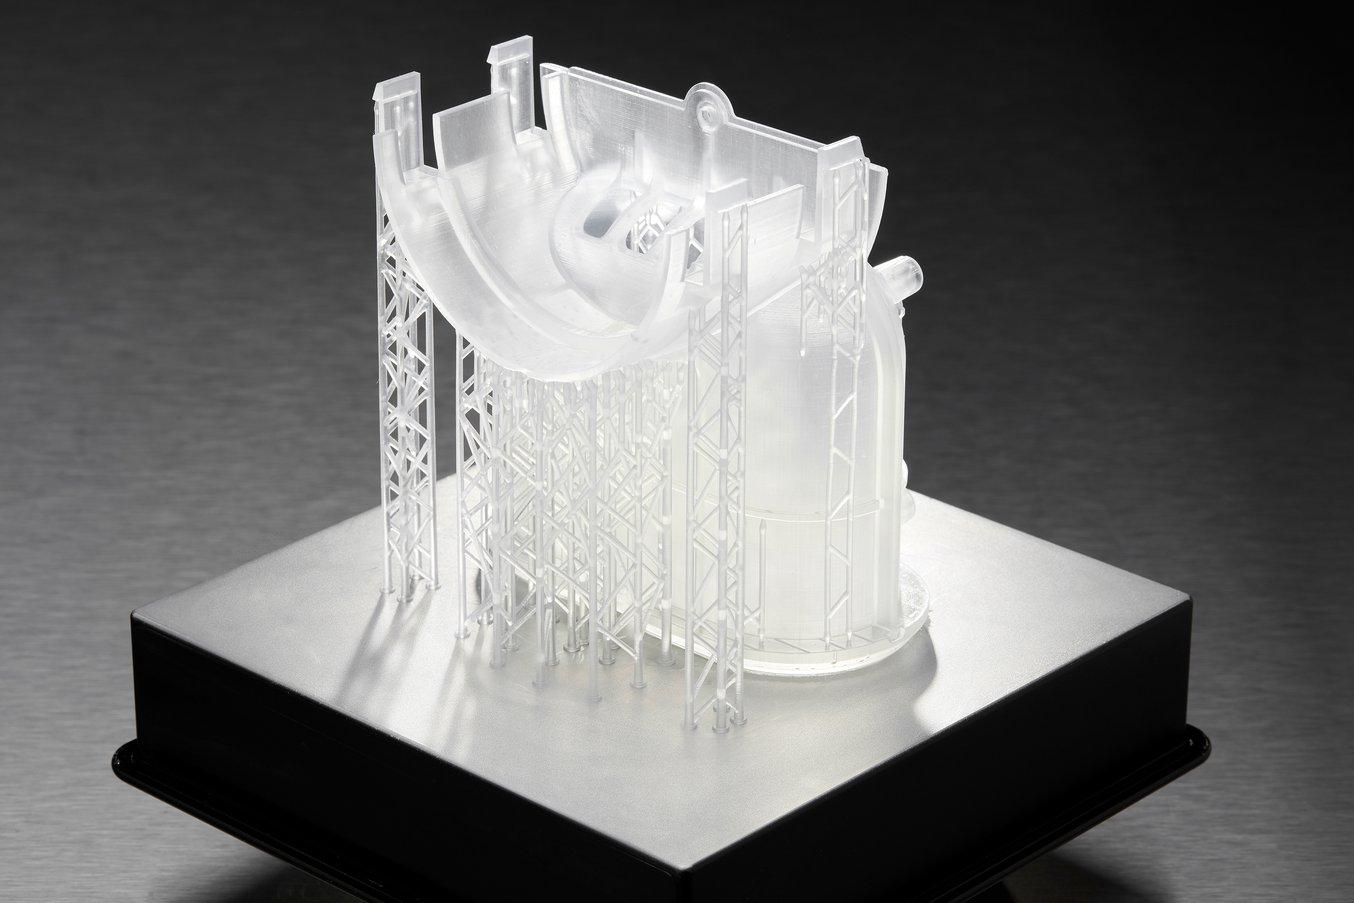 Ein Verteilerprototyp, der mit wenigen Stützstrukturen für Überhänge direkt auf der Konstruktionsplattform gedruckt wird.